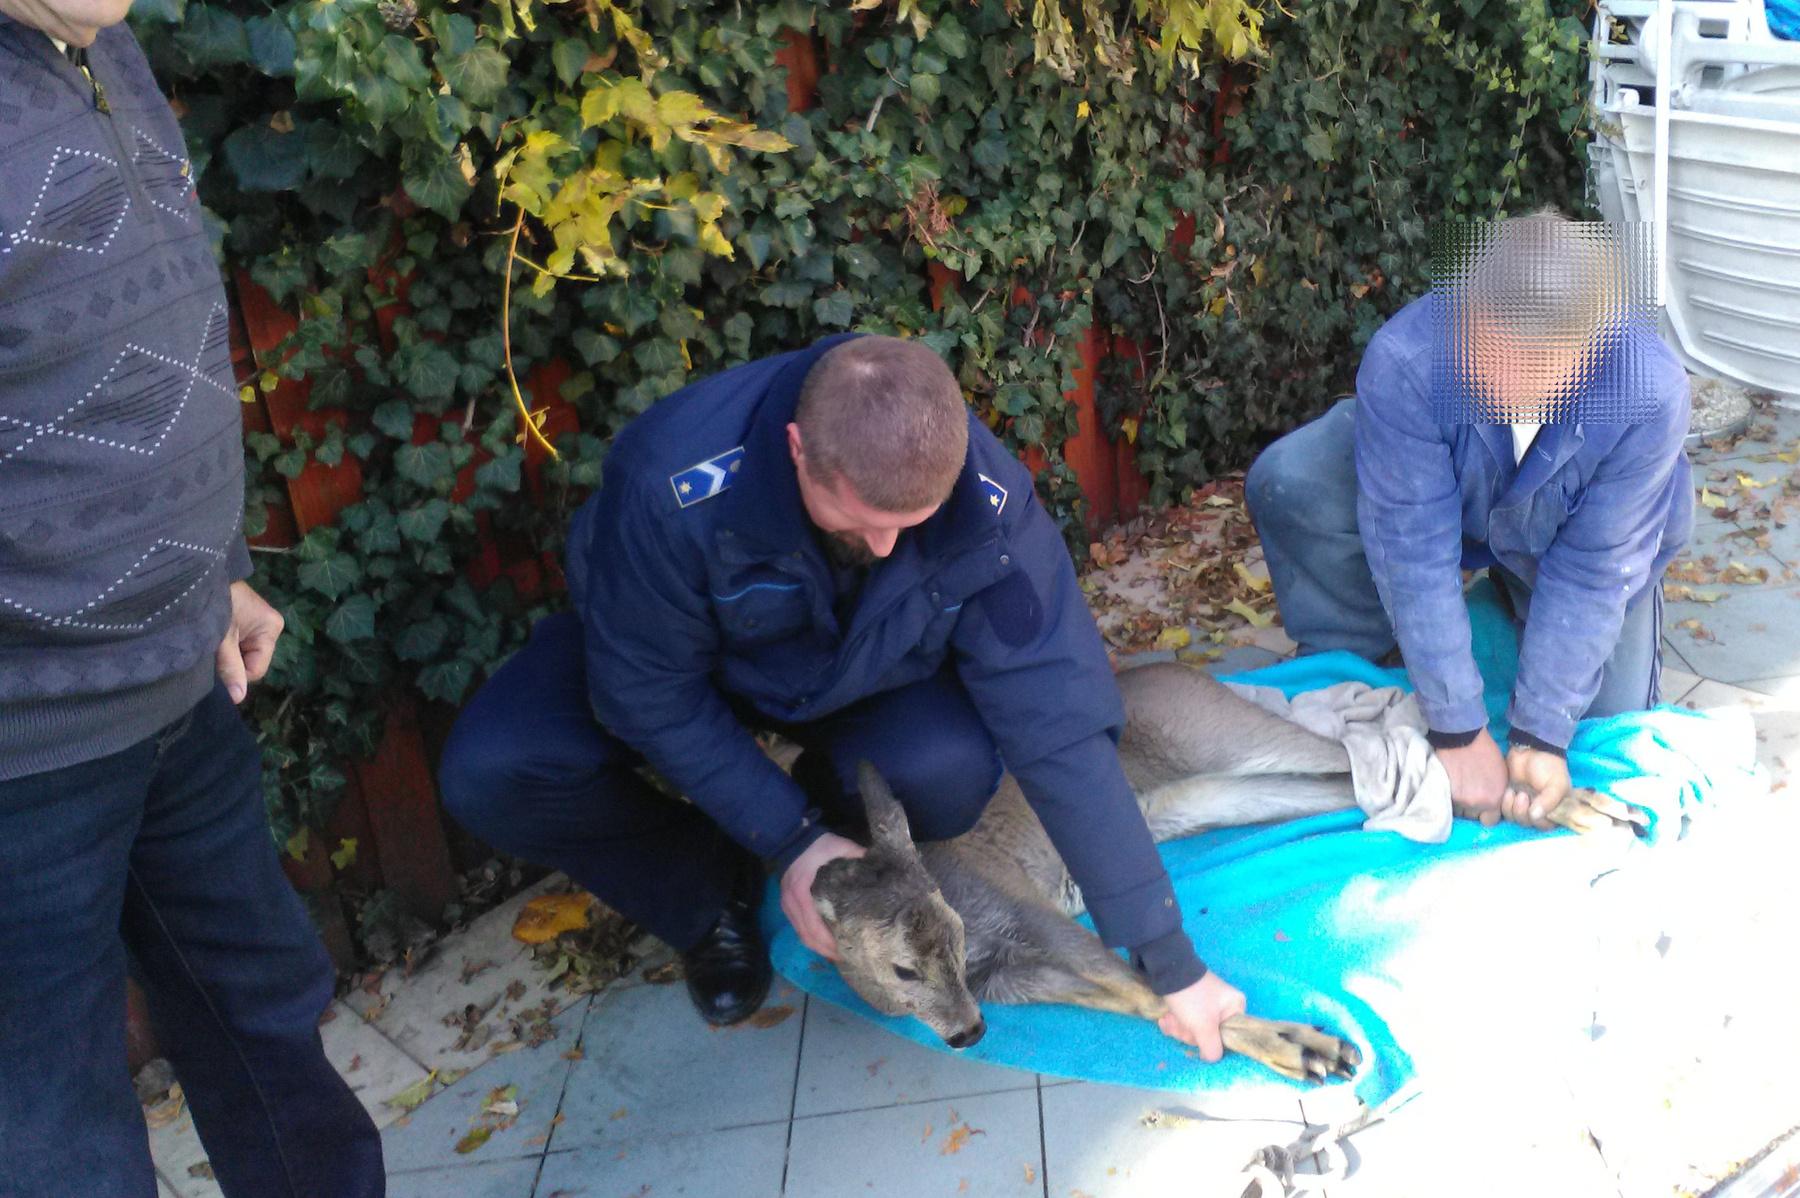 A vemhes őzsutát épségben húzták a partra. Az állatot a vadászok később szabadon engedték.